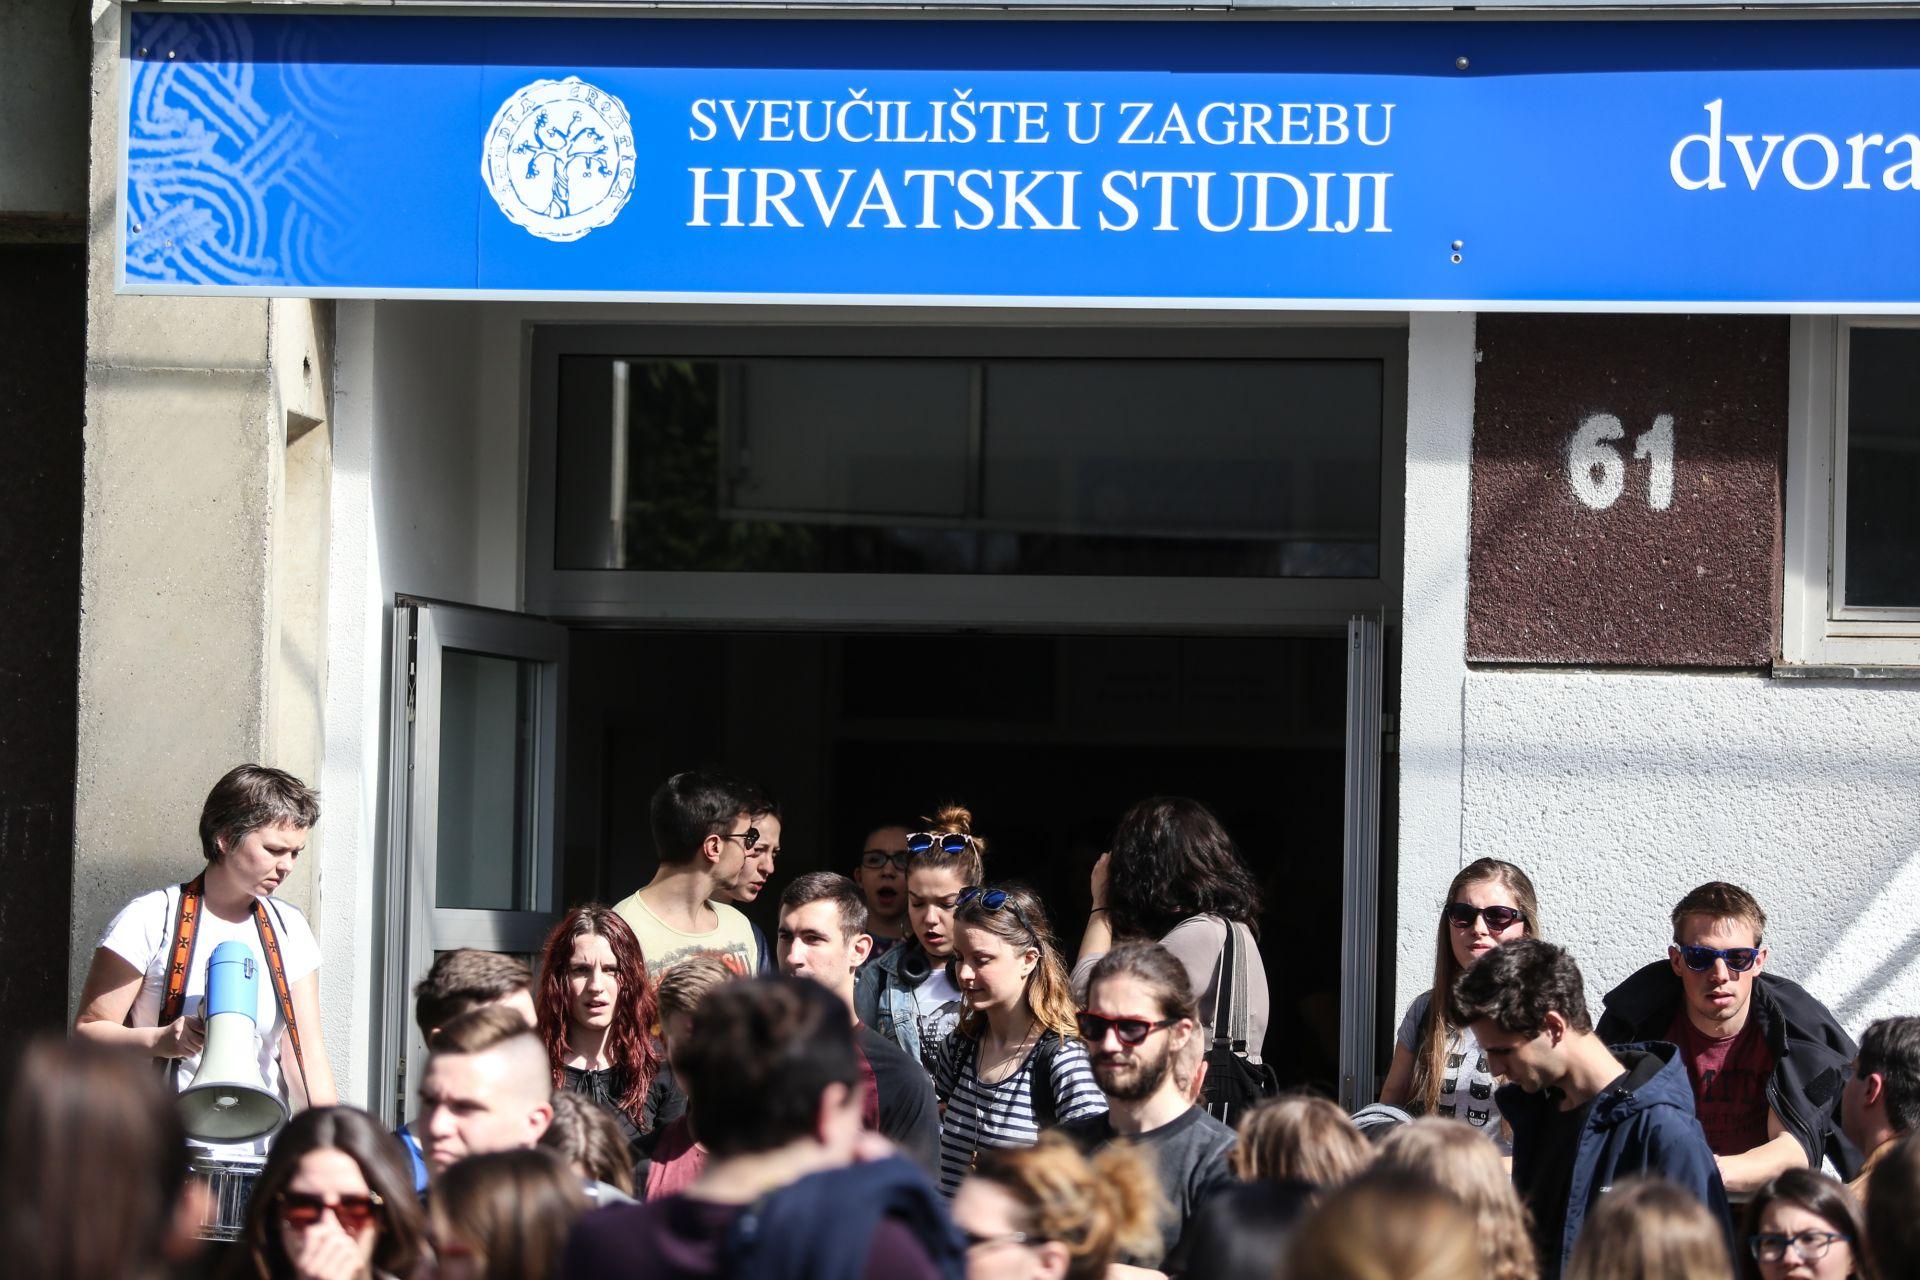 Studentima na Hrvatskim studijima zabranjen govor